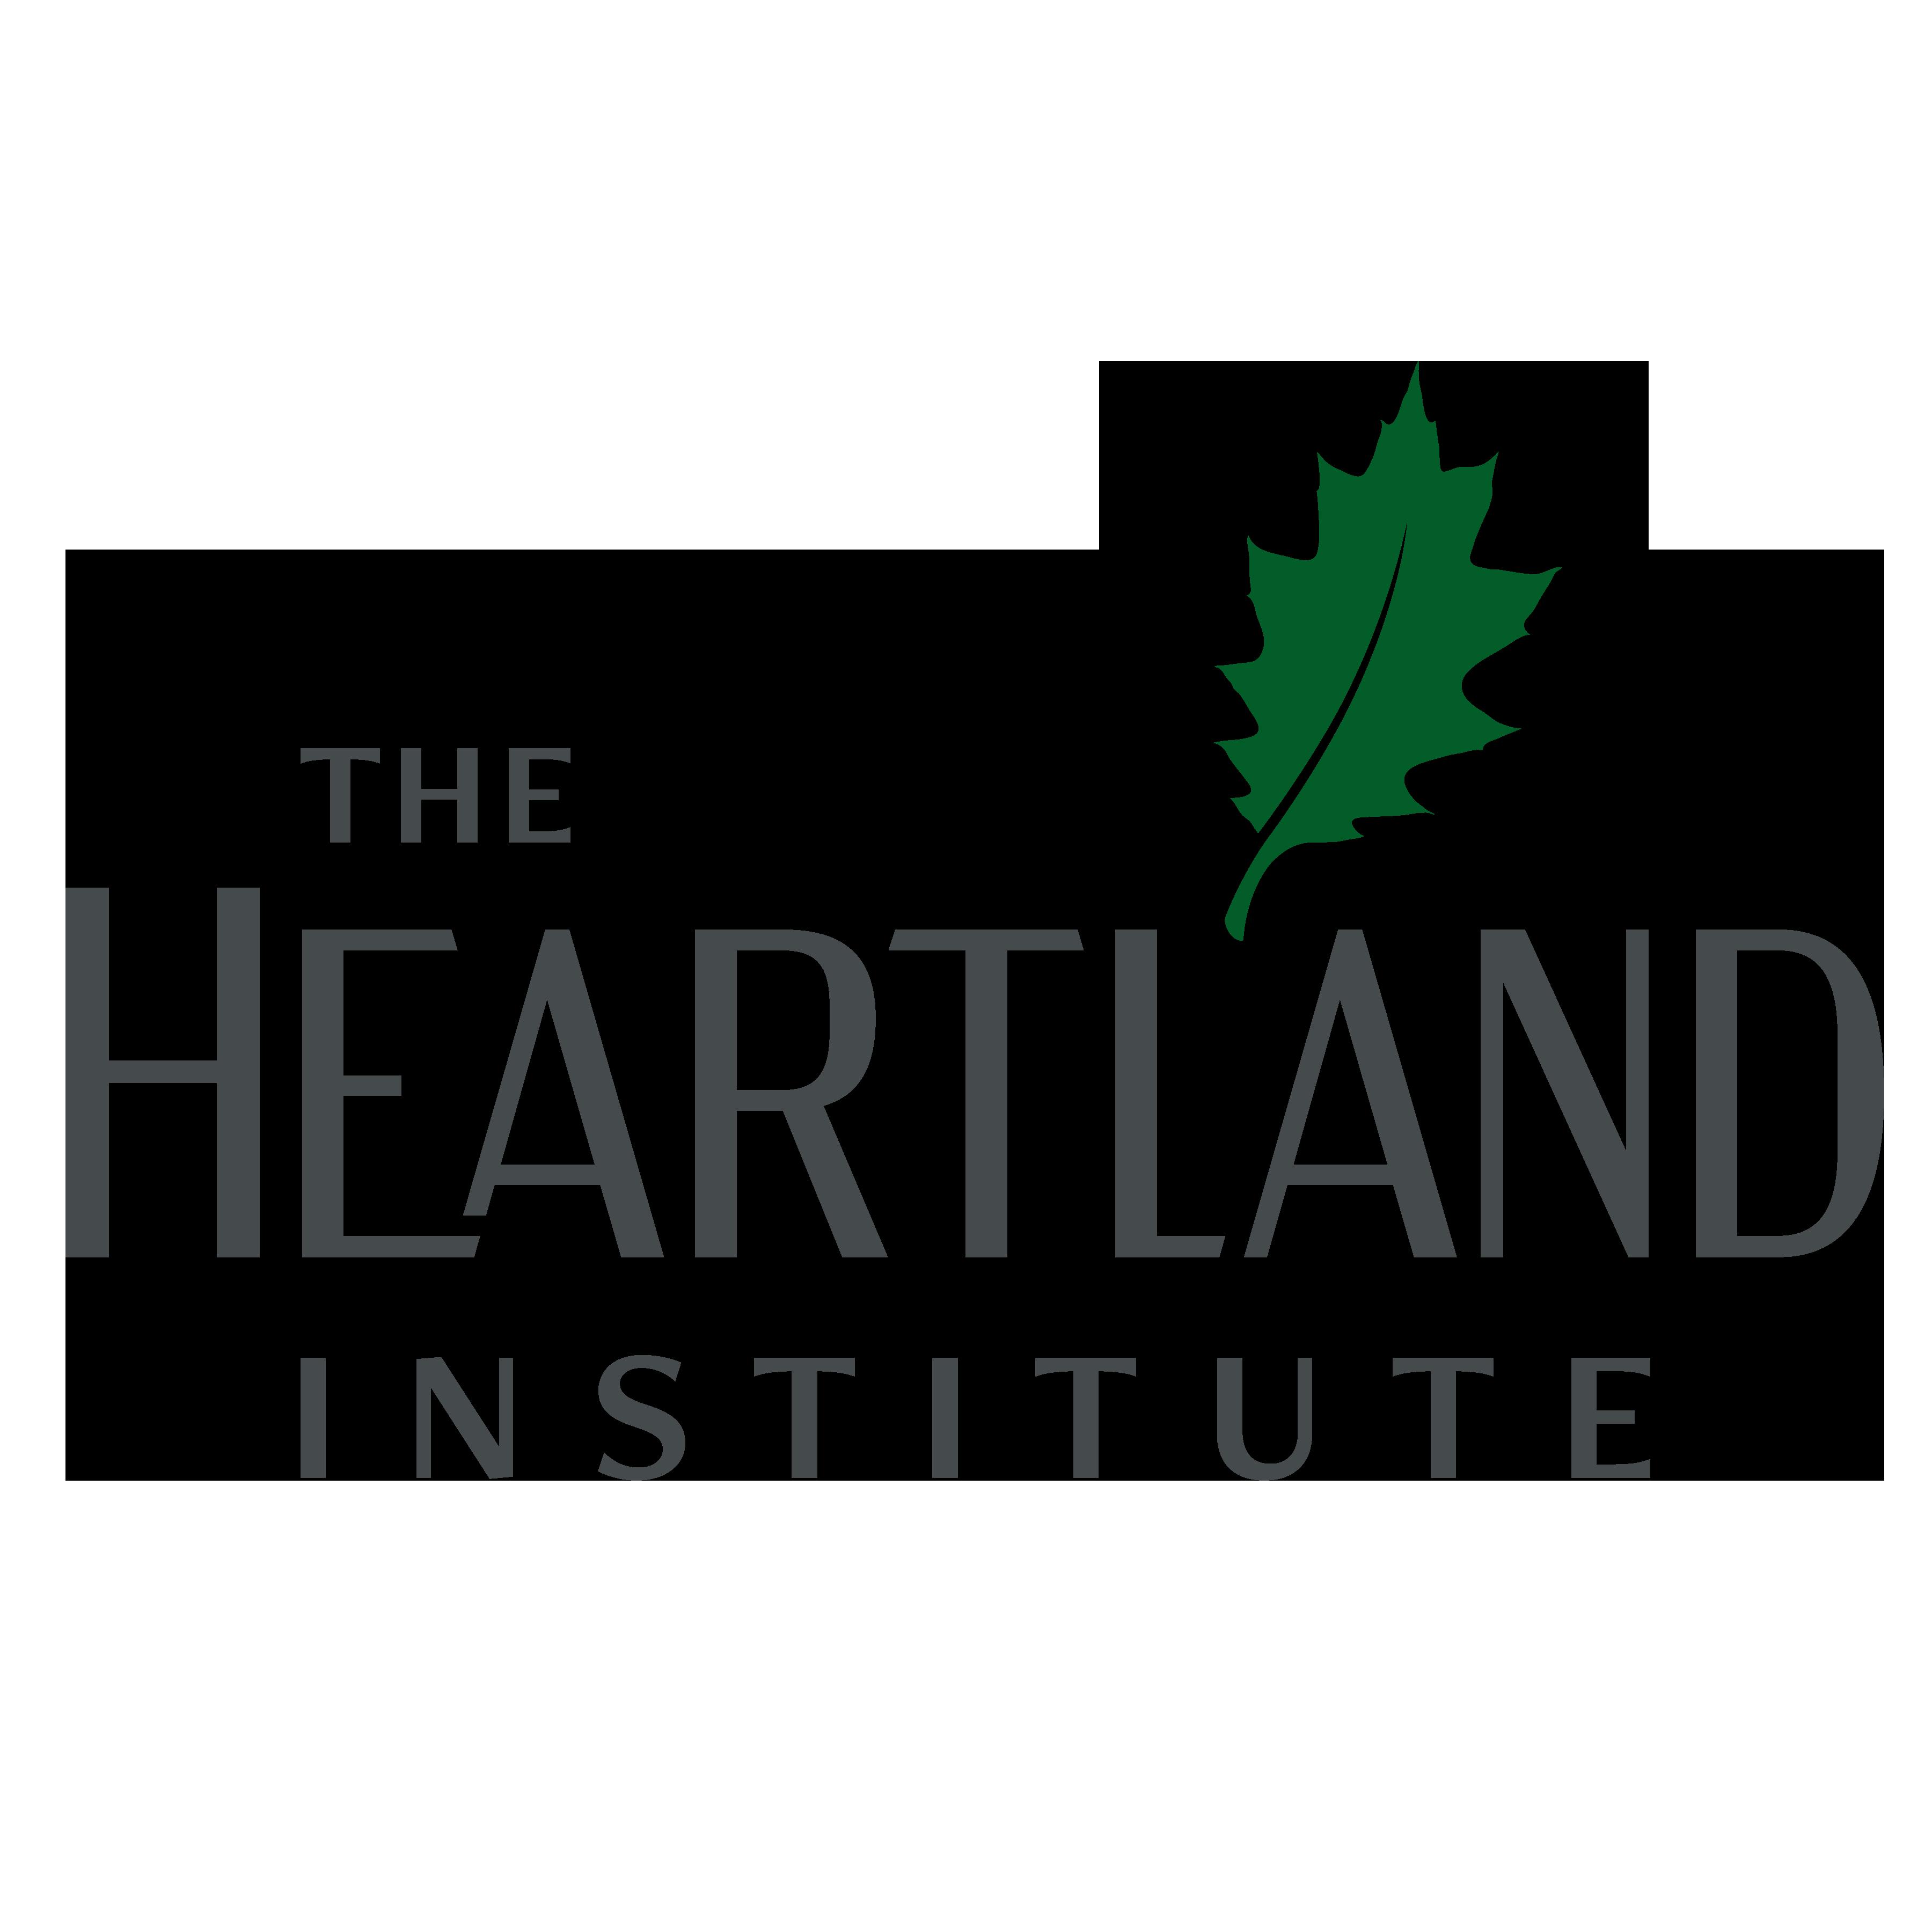 2019-Heartland-logo-349-425